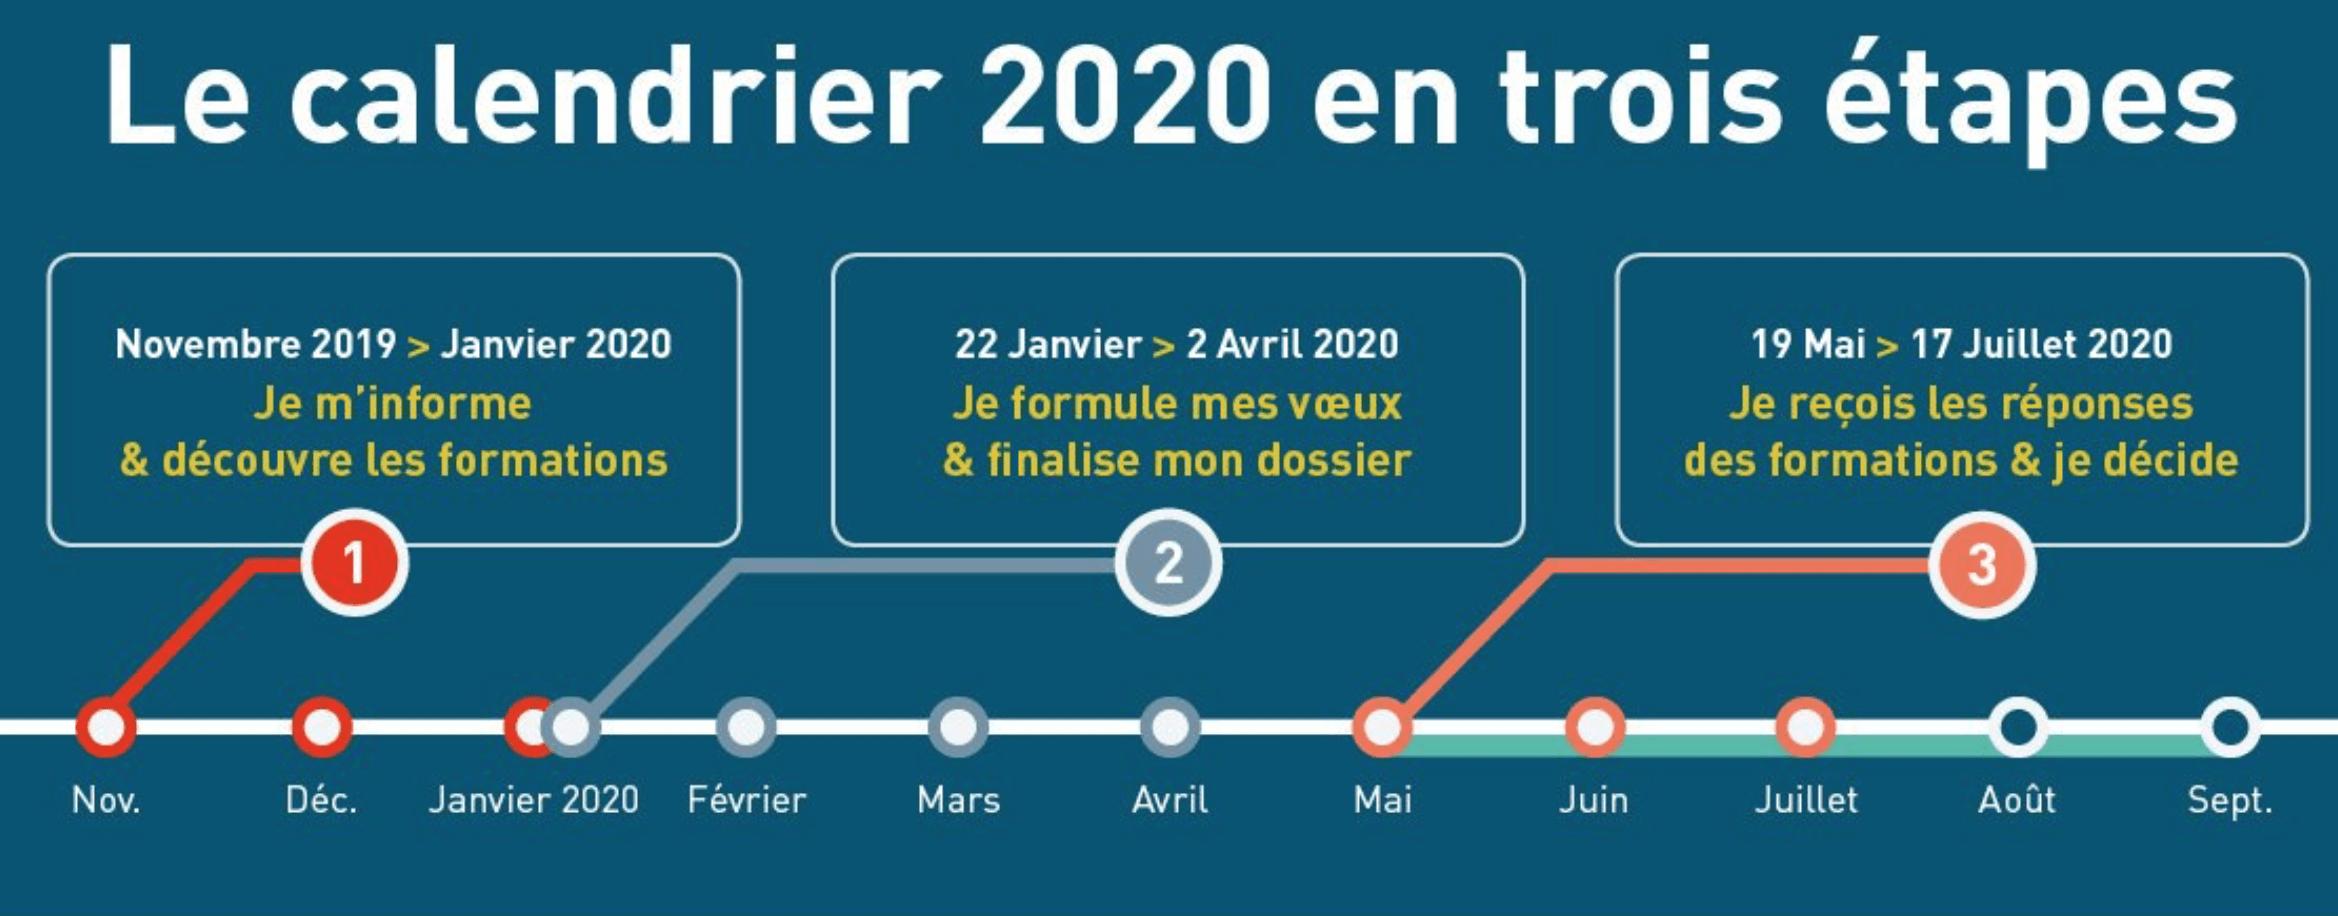 Calendrier Parcoursup 2021 Parcoursup 2020 : les dates, les nouveautés, la procédure et les